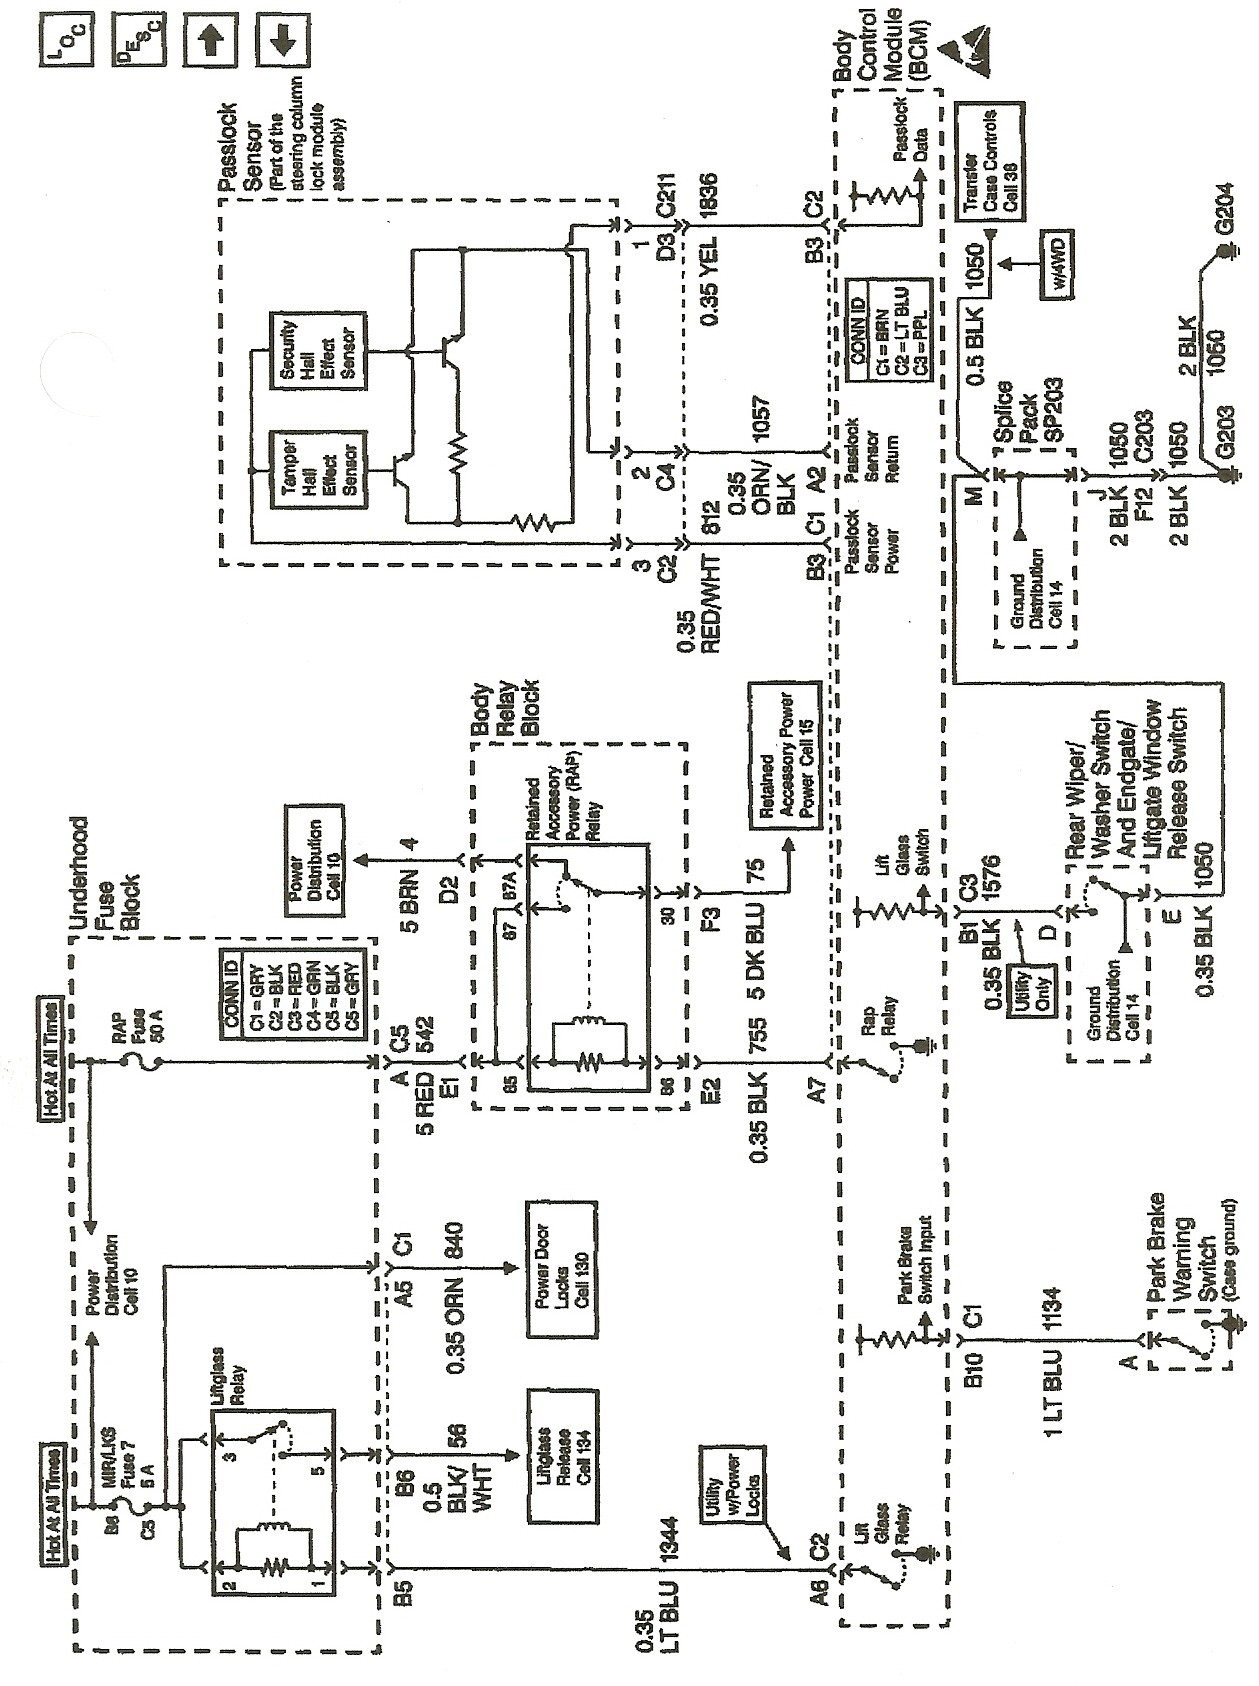 Squier Strat Wiring Diagram Page 5 And Schematics Gl Guitar Schematic G Amp L Diagrams Diy U2022 Rh Dancesalsa Co